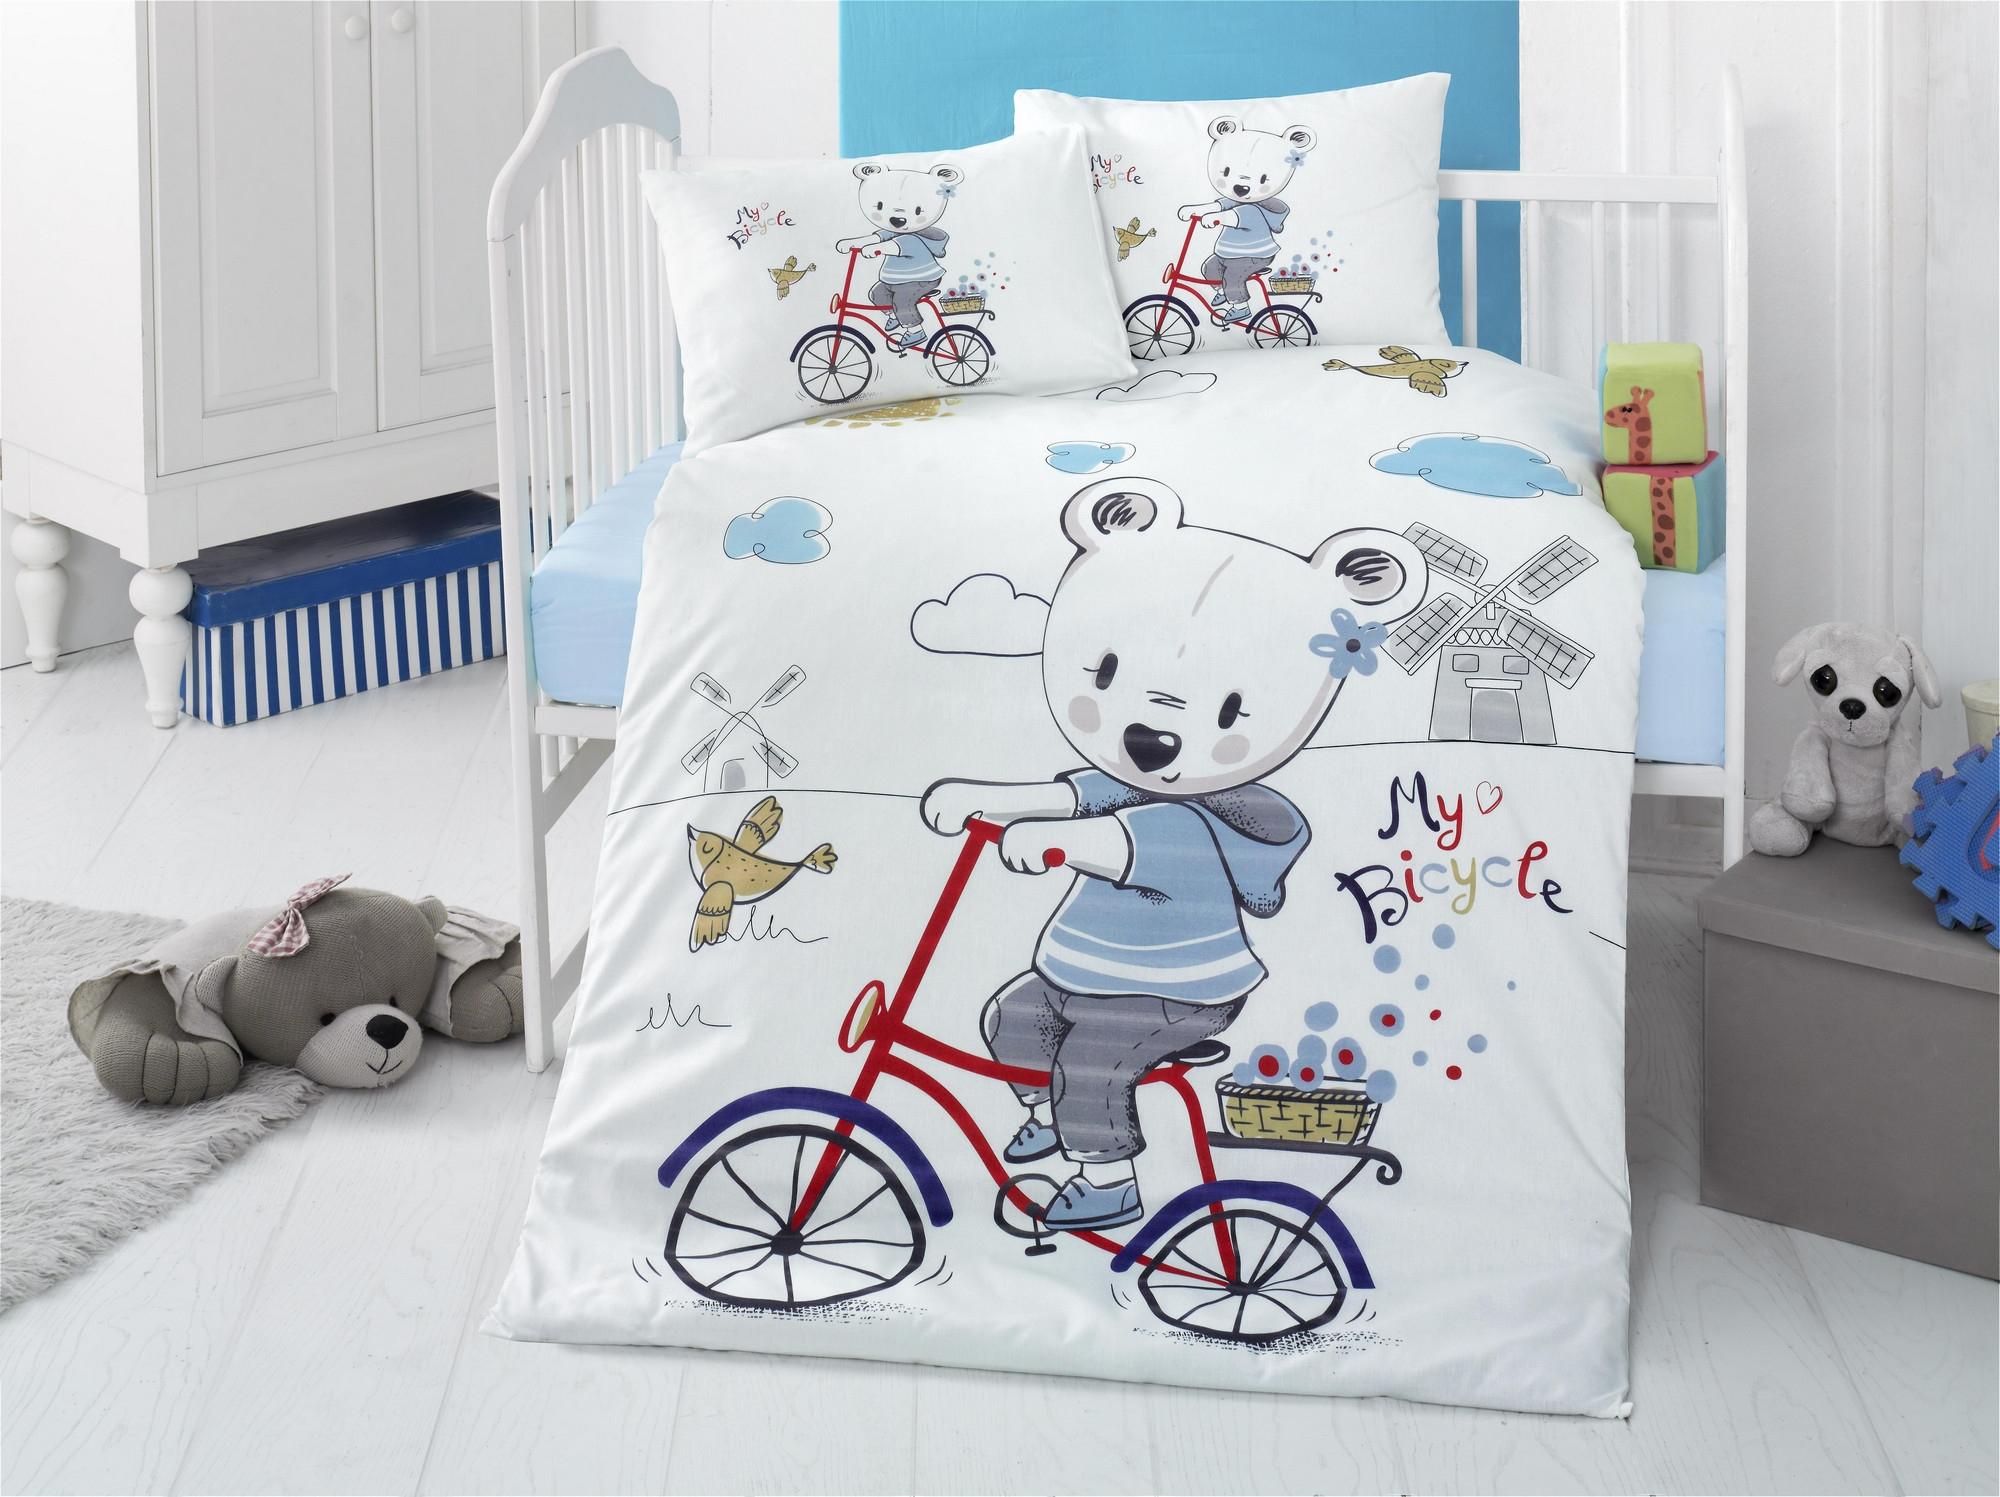 Set lenjerie pentru copii, din bumbac Ranforce, 4 piese, My bike Multicolor, 100 x 150 cm poza